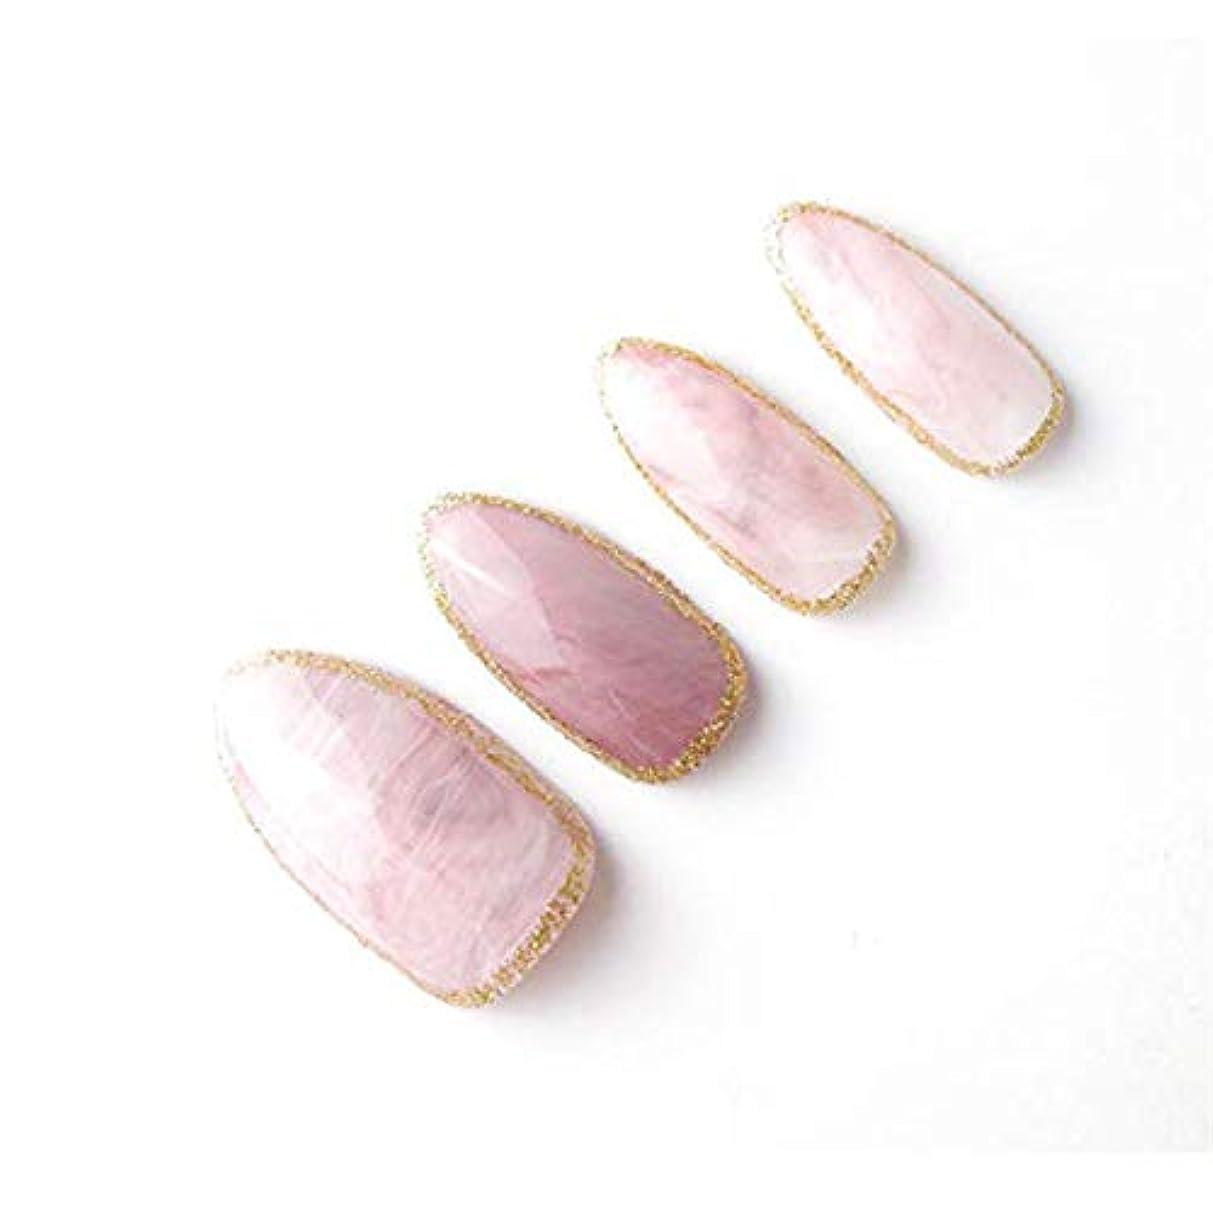 共和国切り刻む表面YuNail ネイルチップ 24枚 ピンク 石の質感 楕円形状 短い アクリル